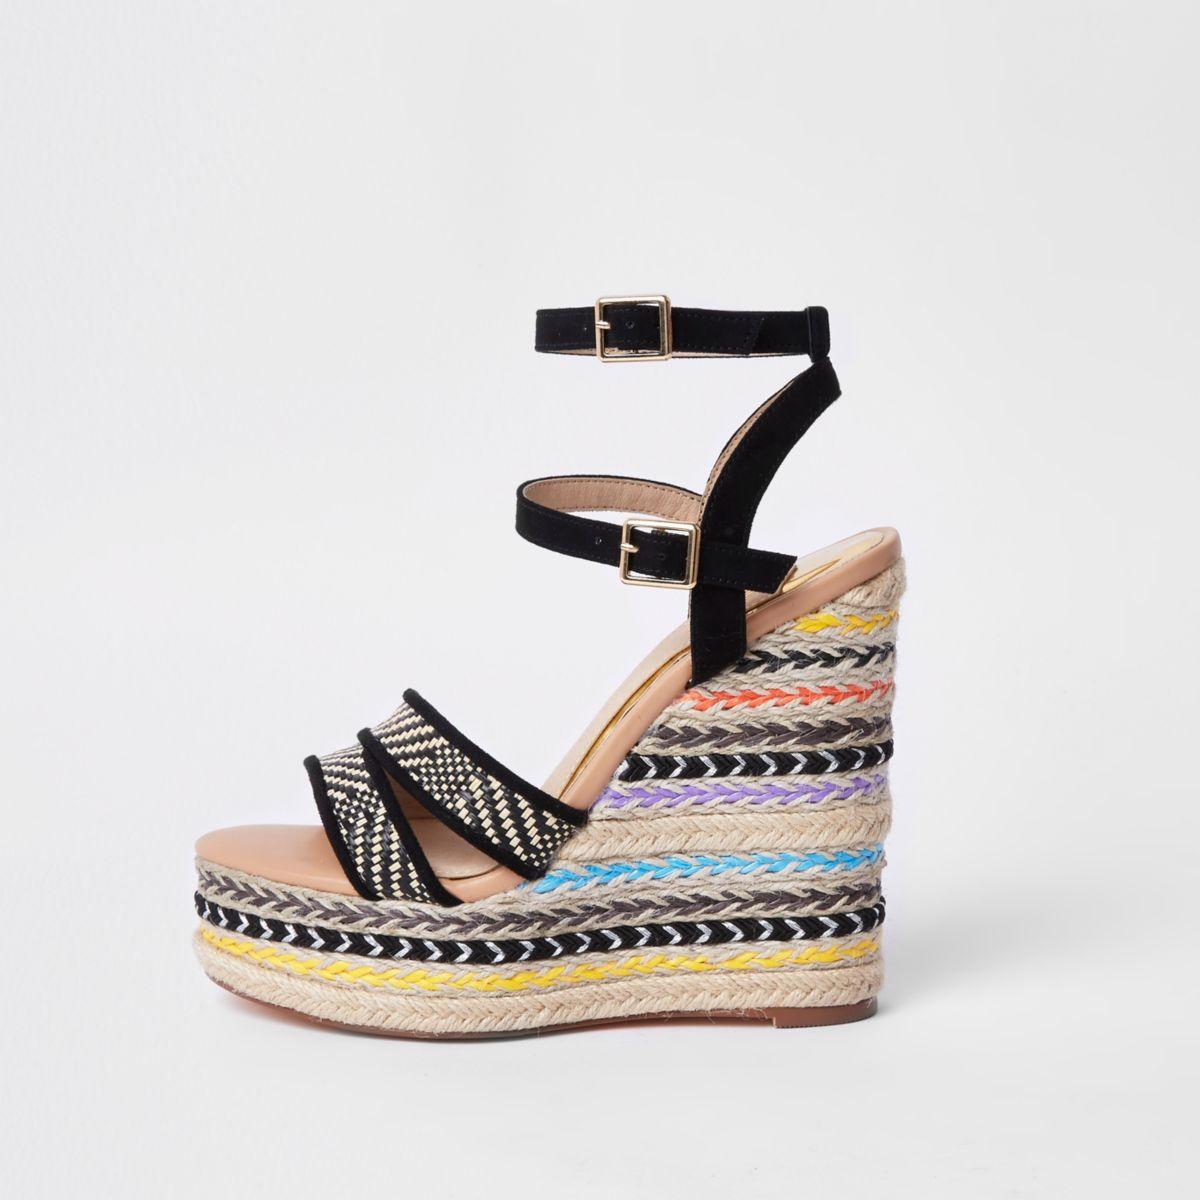 En Vente En Ligne River Island Chaussures style espadrille rayées noires à talons compensés Emplacements De Sortie Rabais Livraison Gratuite Prix Le Moins Cher e6zg3